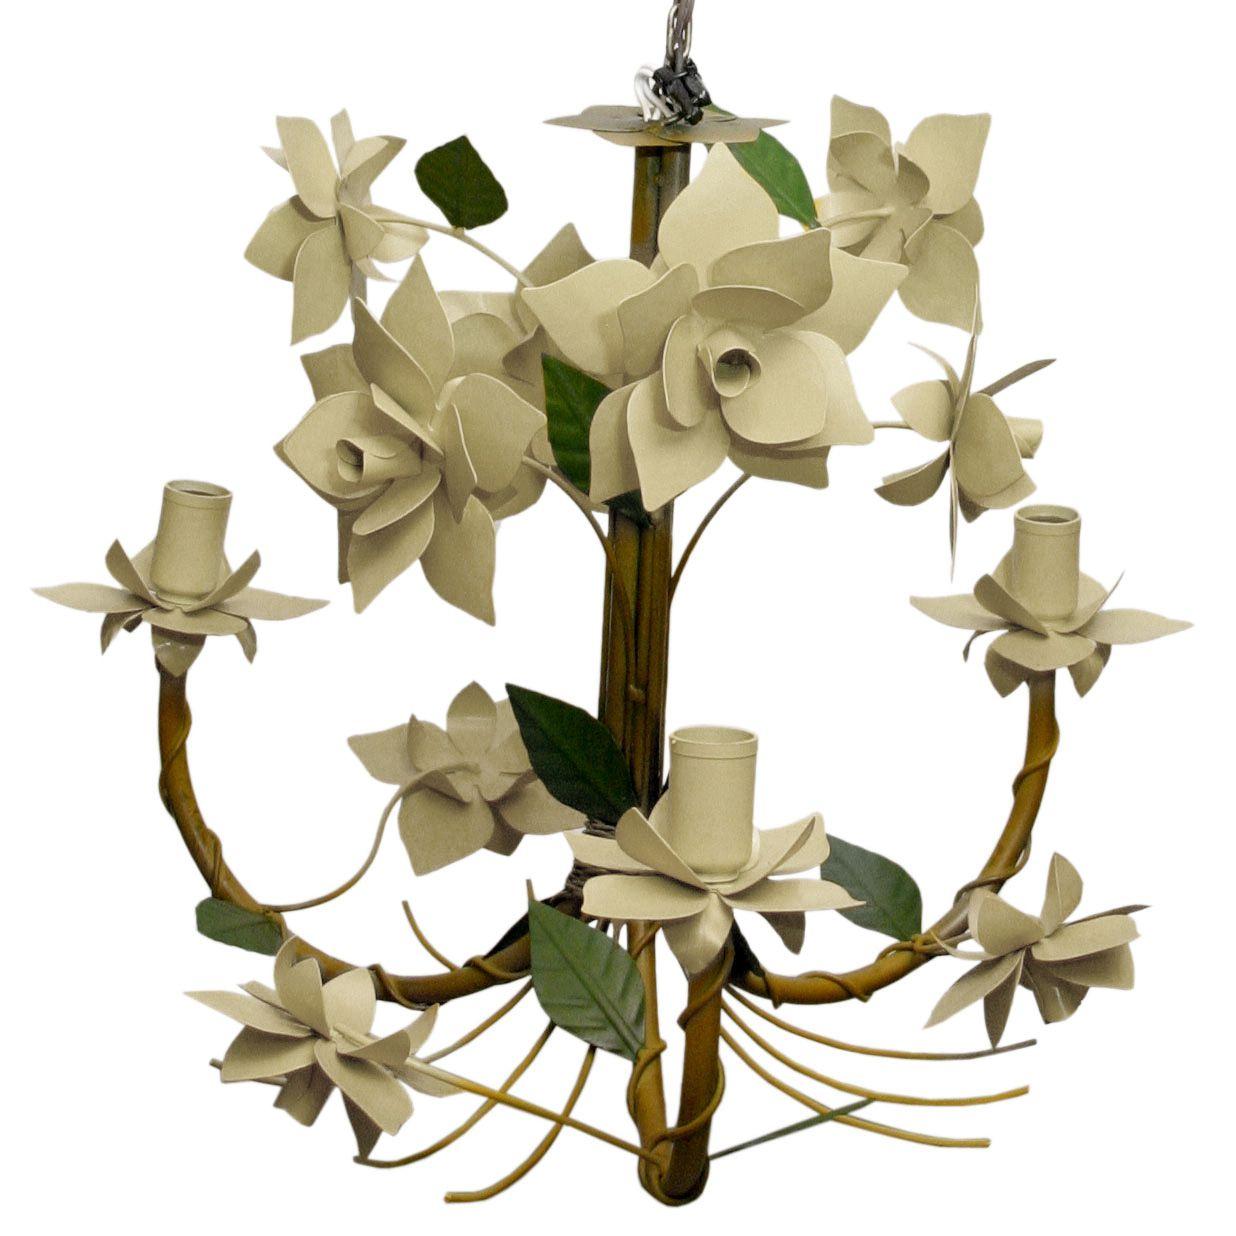 Luminaria de Flores para Iluminação Residencial Decoração Ambiente Provençal